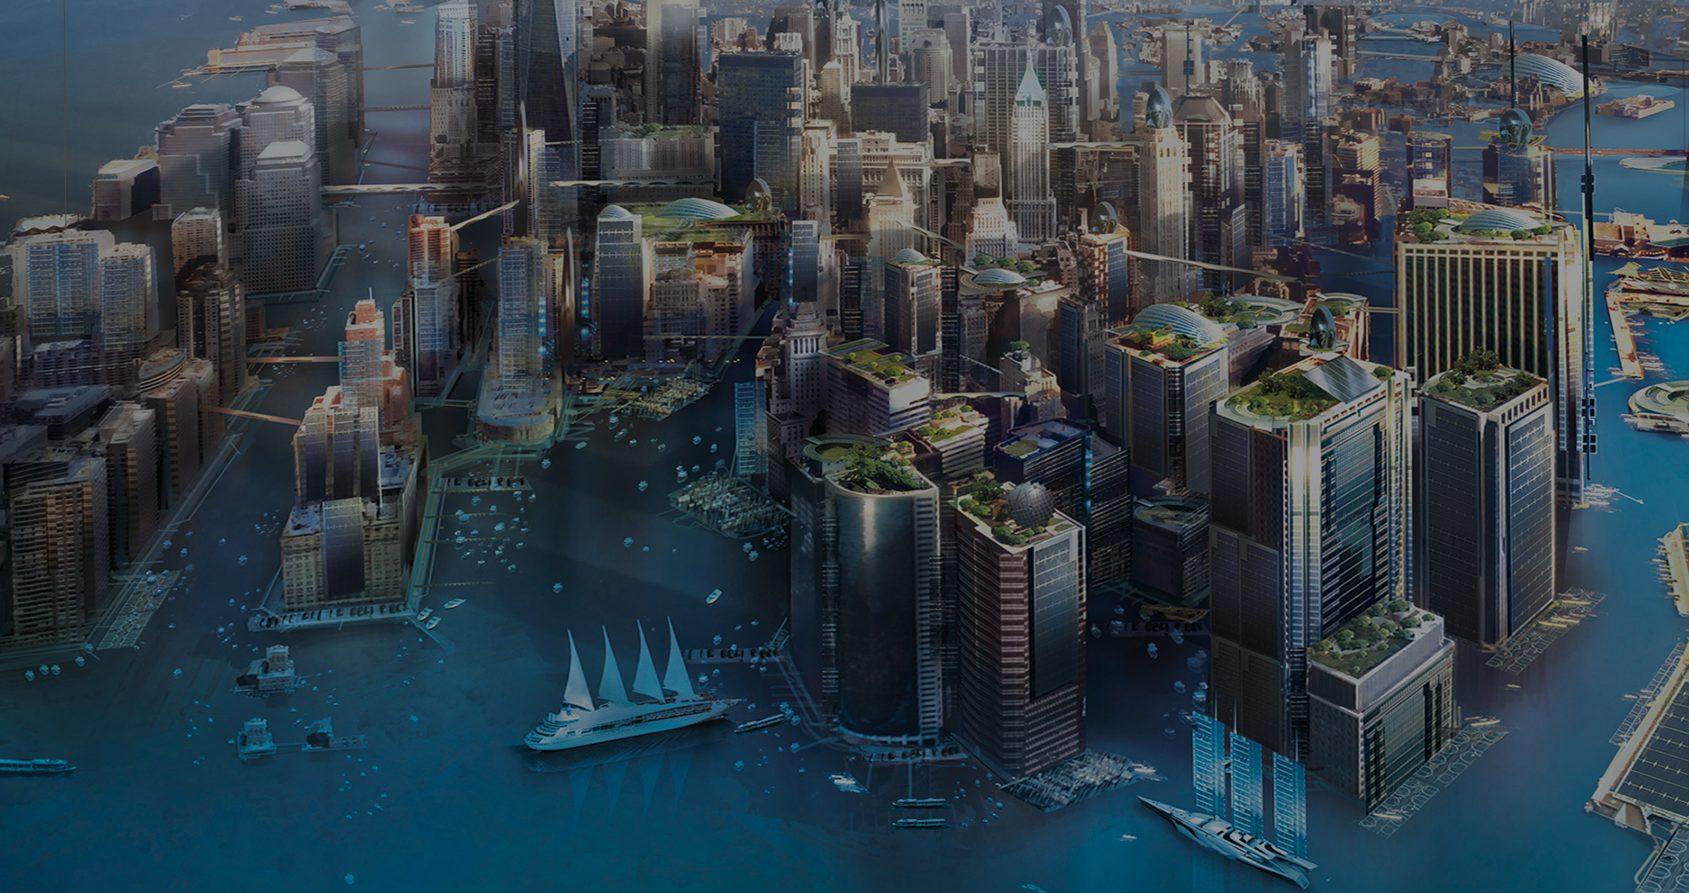 La science-fiction a-t-elle un plan pour sauver le monde?